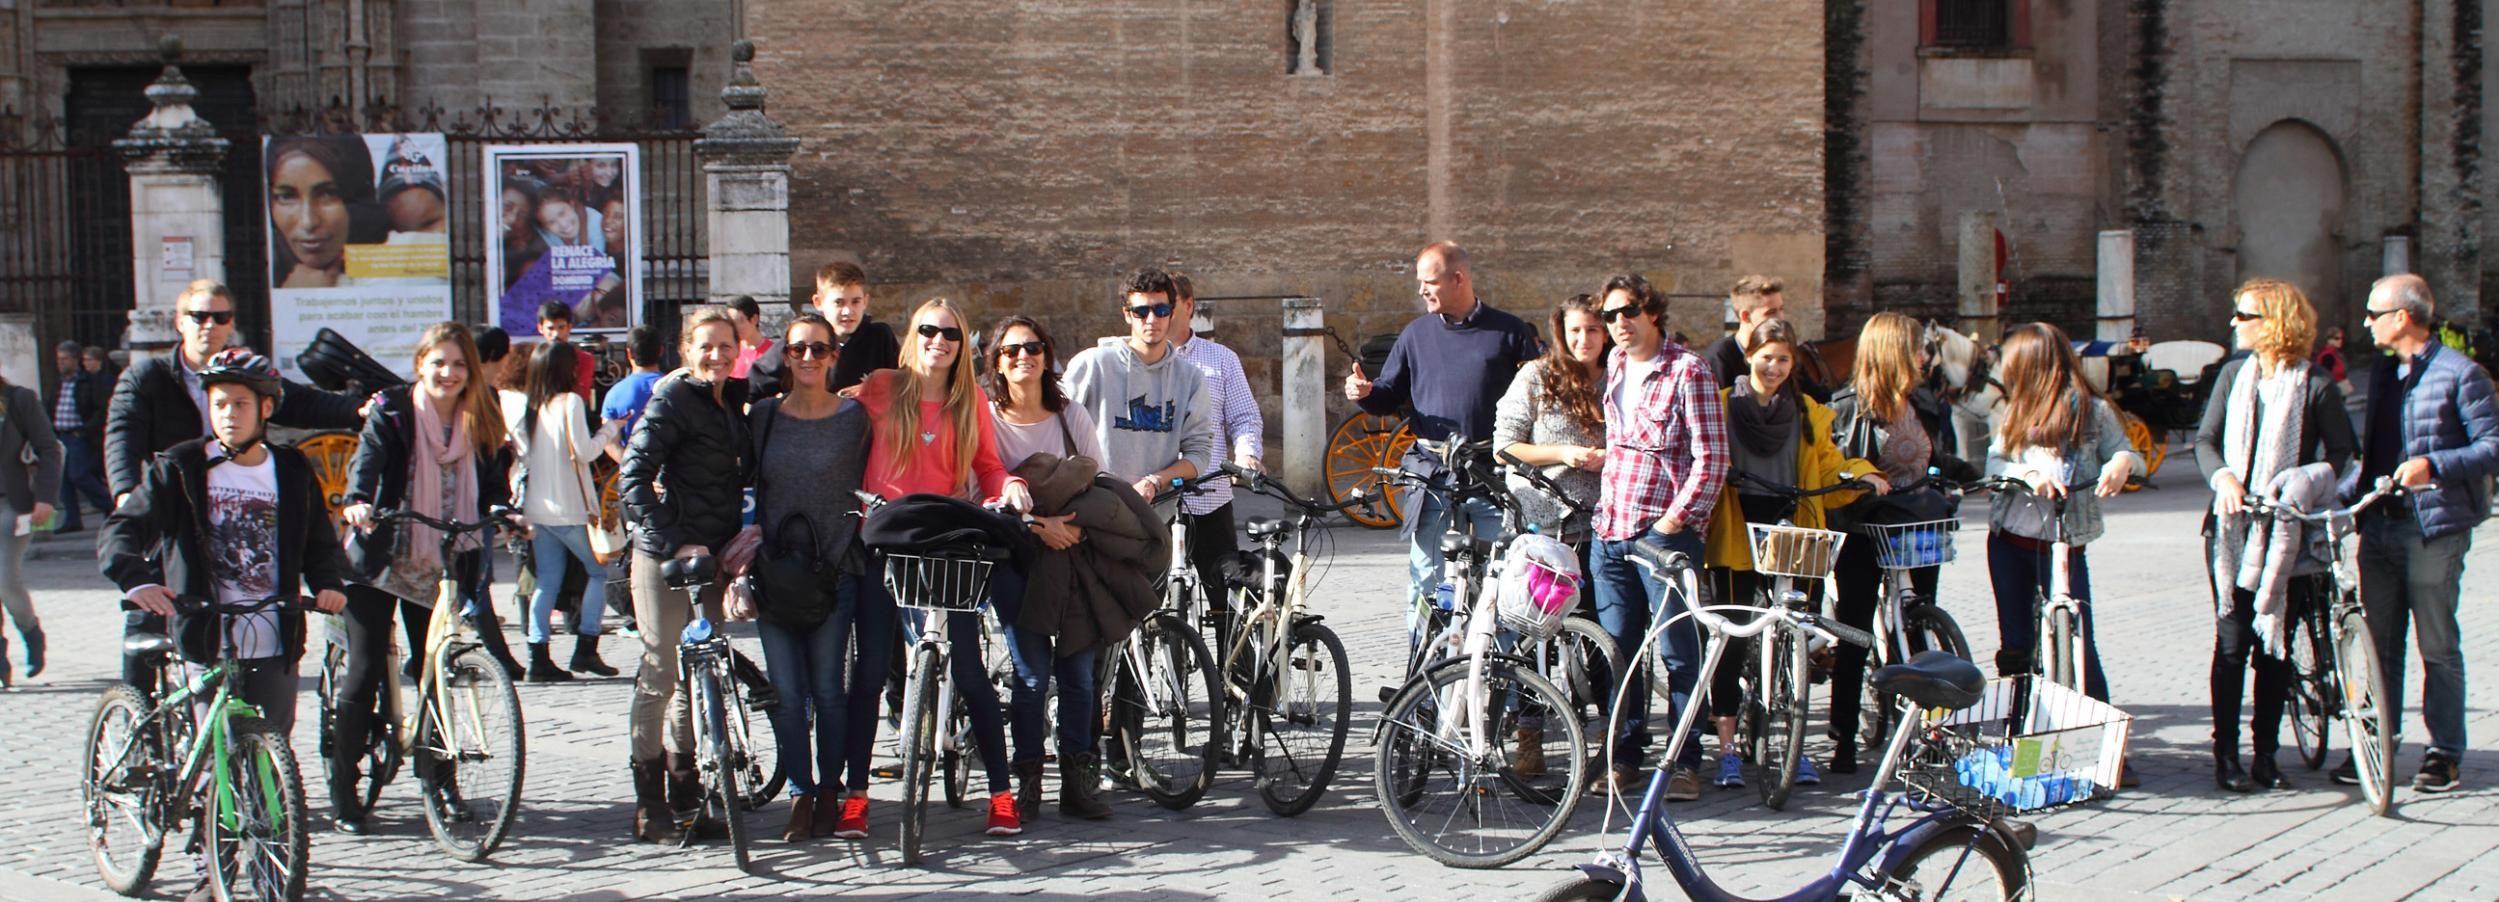 Séville: visite historique de 3 heures